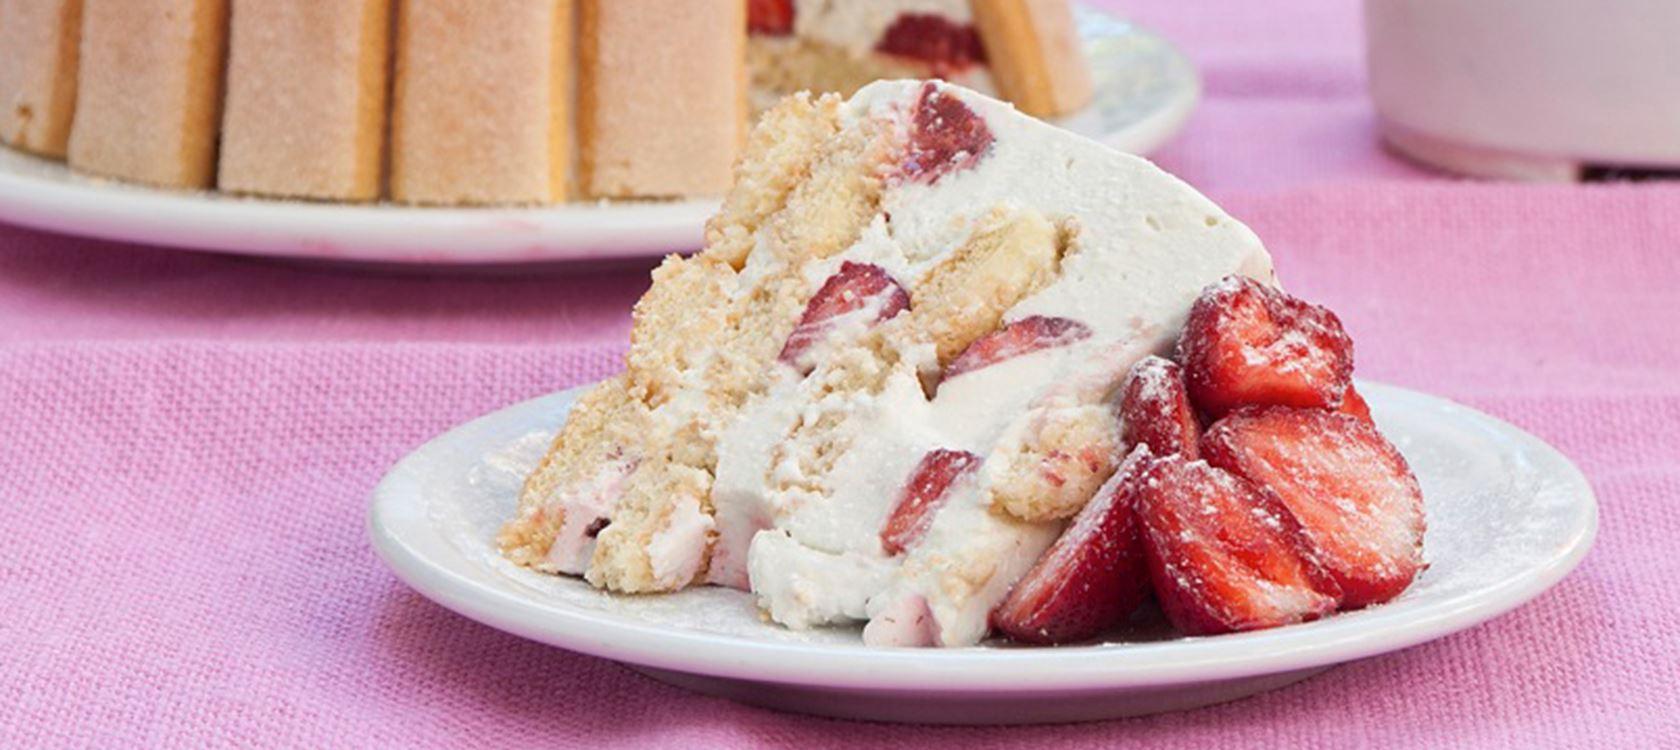 Σαρλότ με φράουλες από τον Στέλιο Παρλιάρο